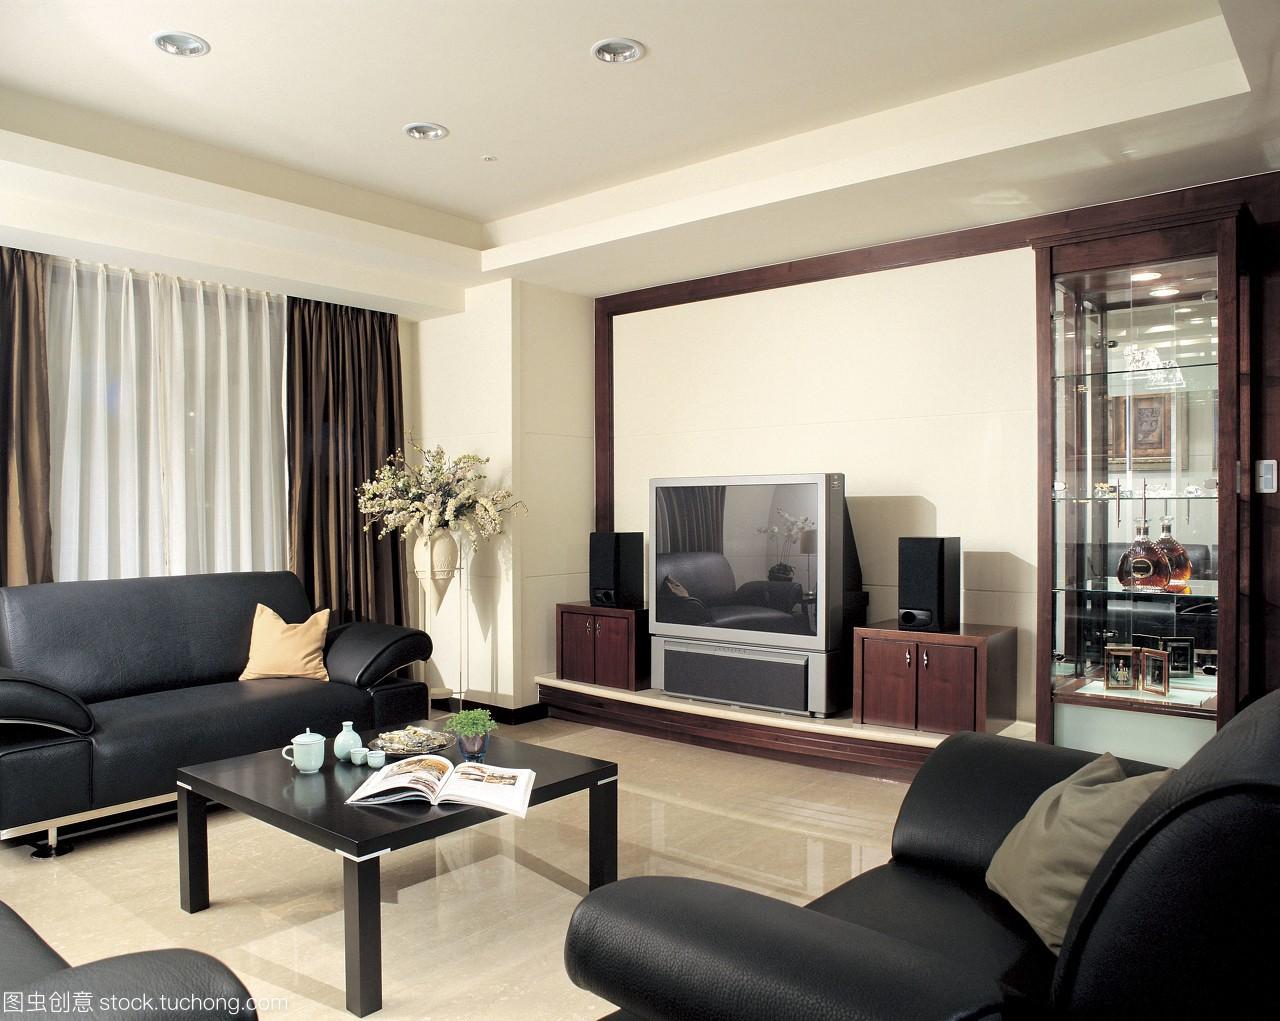 陈列内景,室内,居家装潢,creativeseries,横图,室钟志成设计师图片